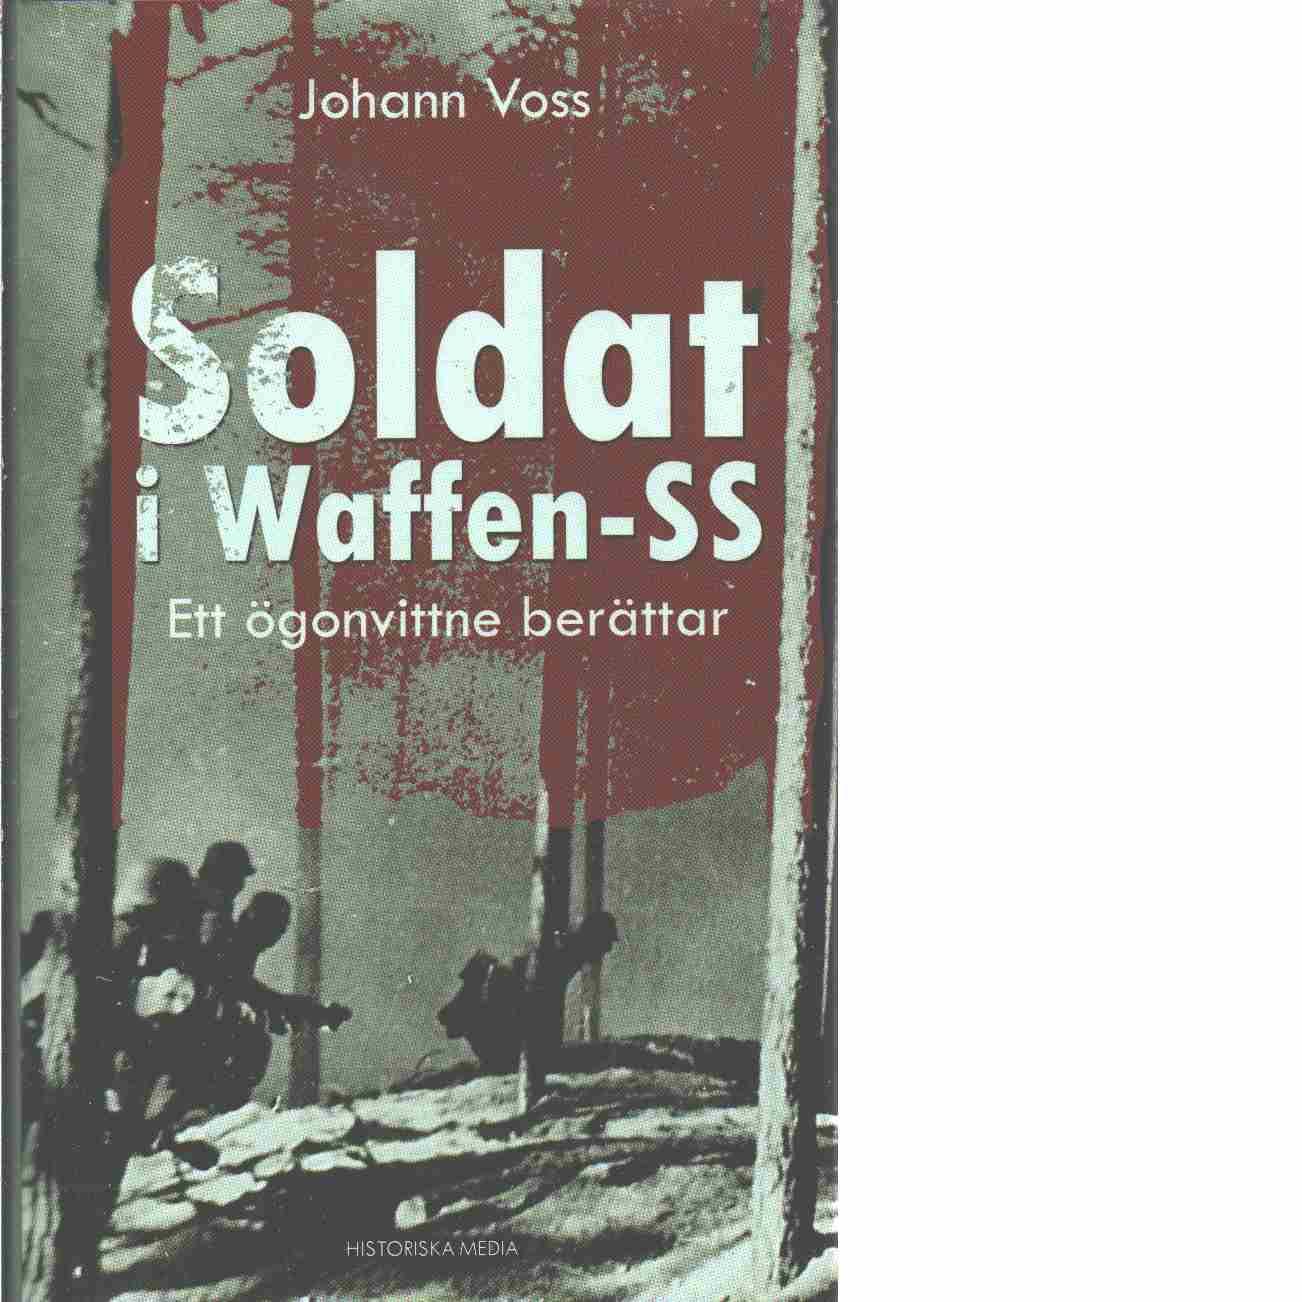 Soldat i Waffen-SS : ett ögonvittne berättar - Voss, Johann